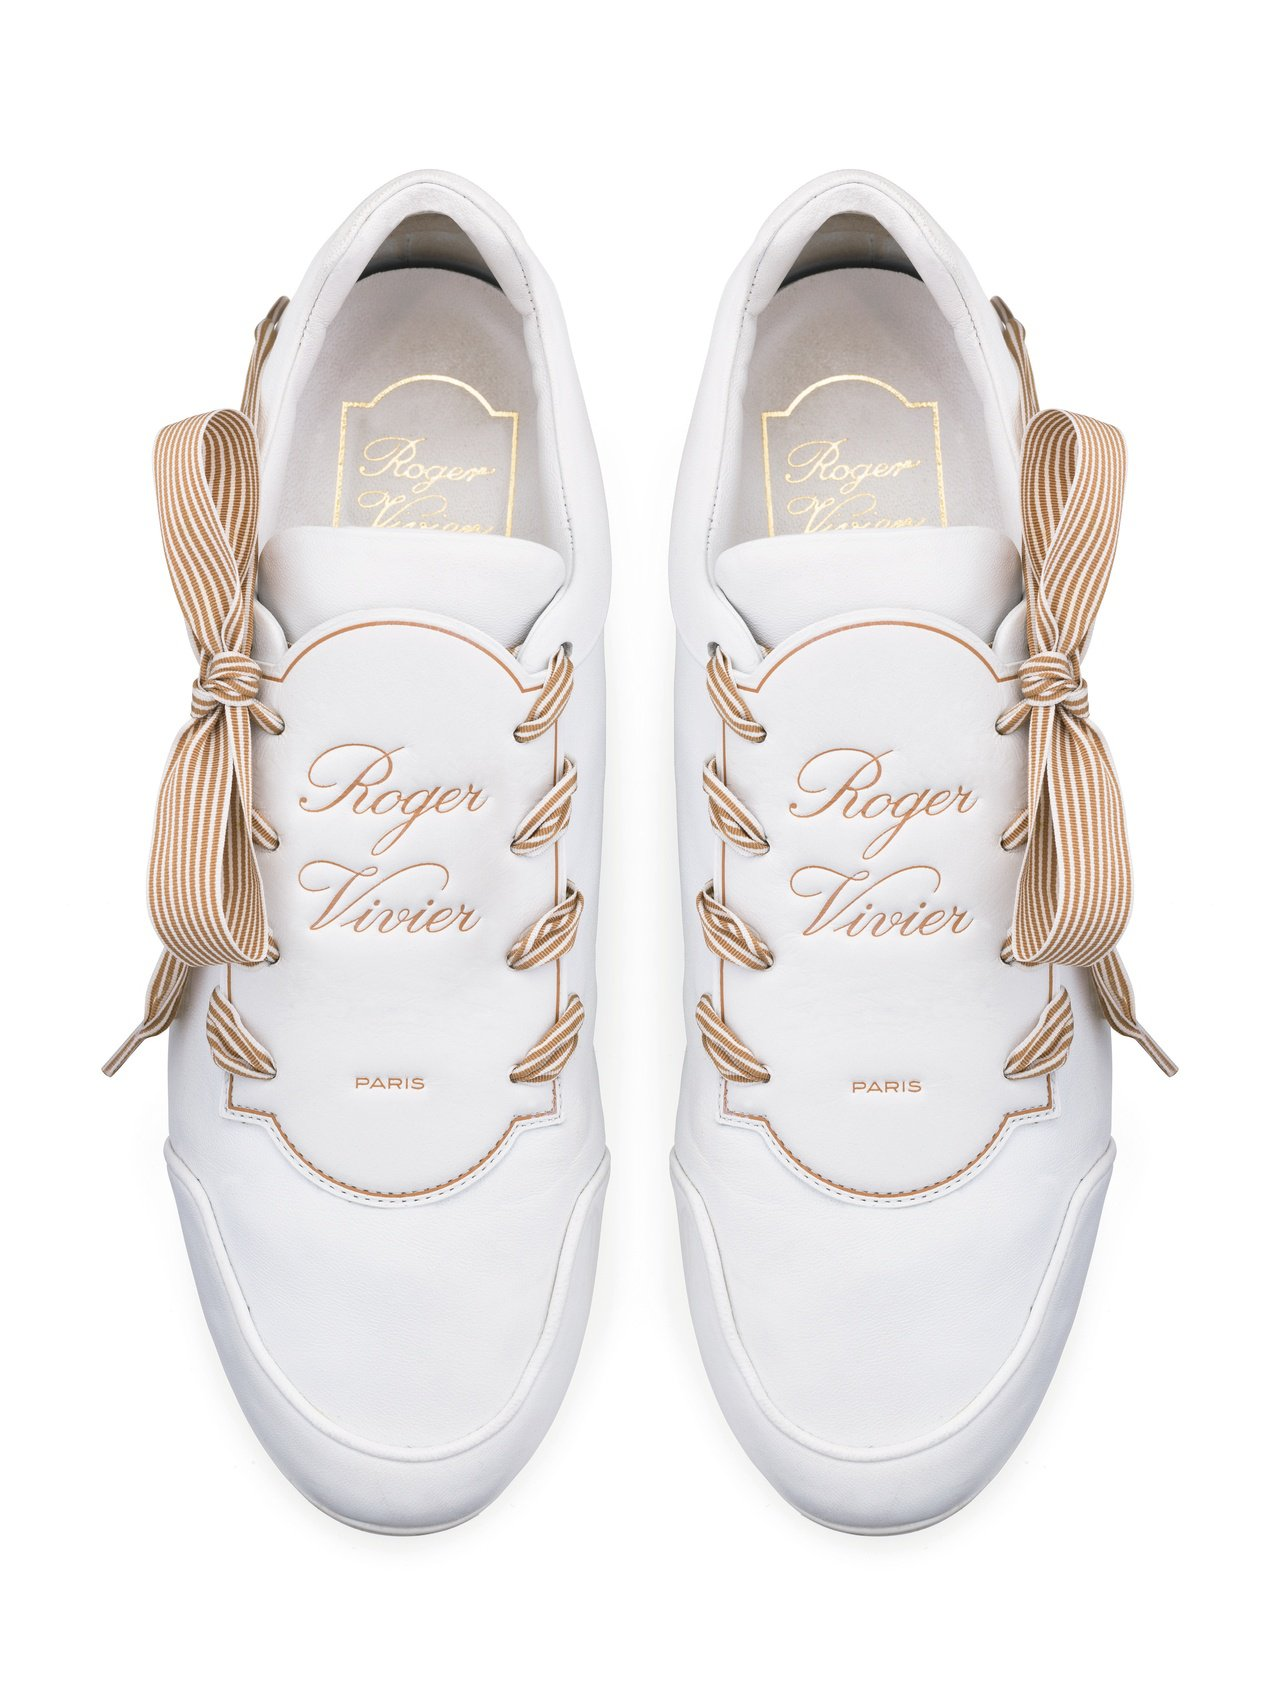 Roger Vivier LaBel Viv 休閒鞋,28,900元。圖/迪生提...